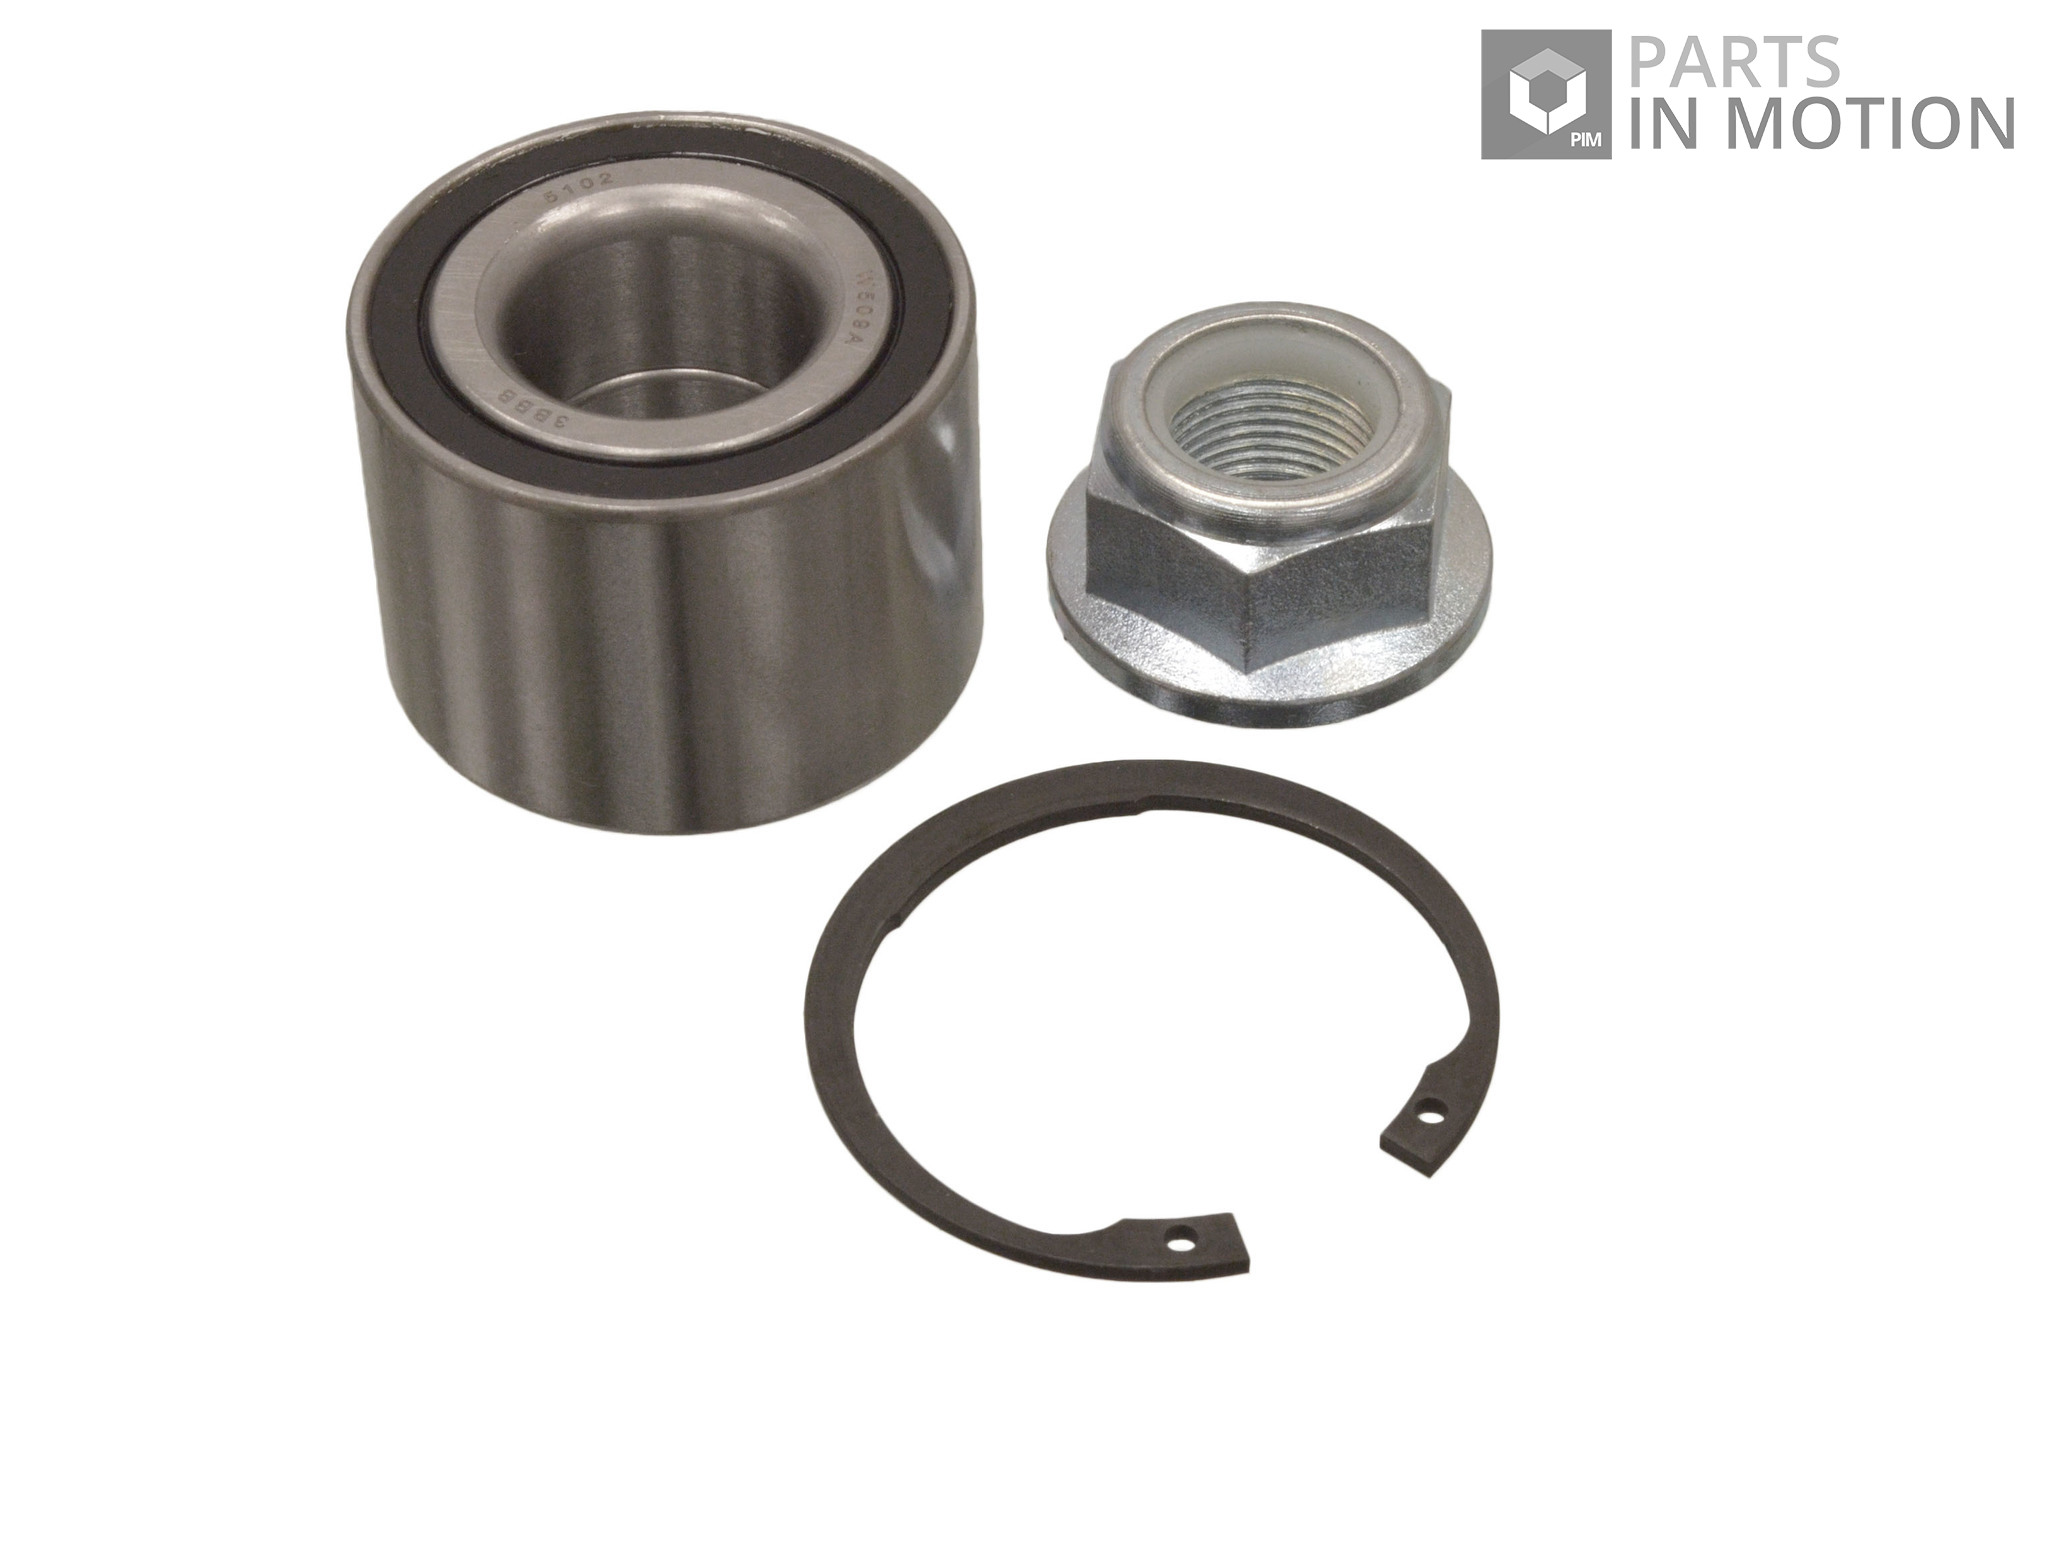 RENAULT-CLIO-Mk4-0-9-Wheel-Bearing-Kit-Rear-2012-on-ADL-6001550814-7701205812